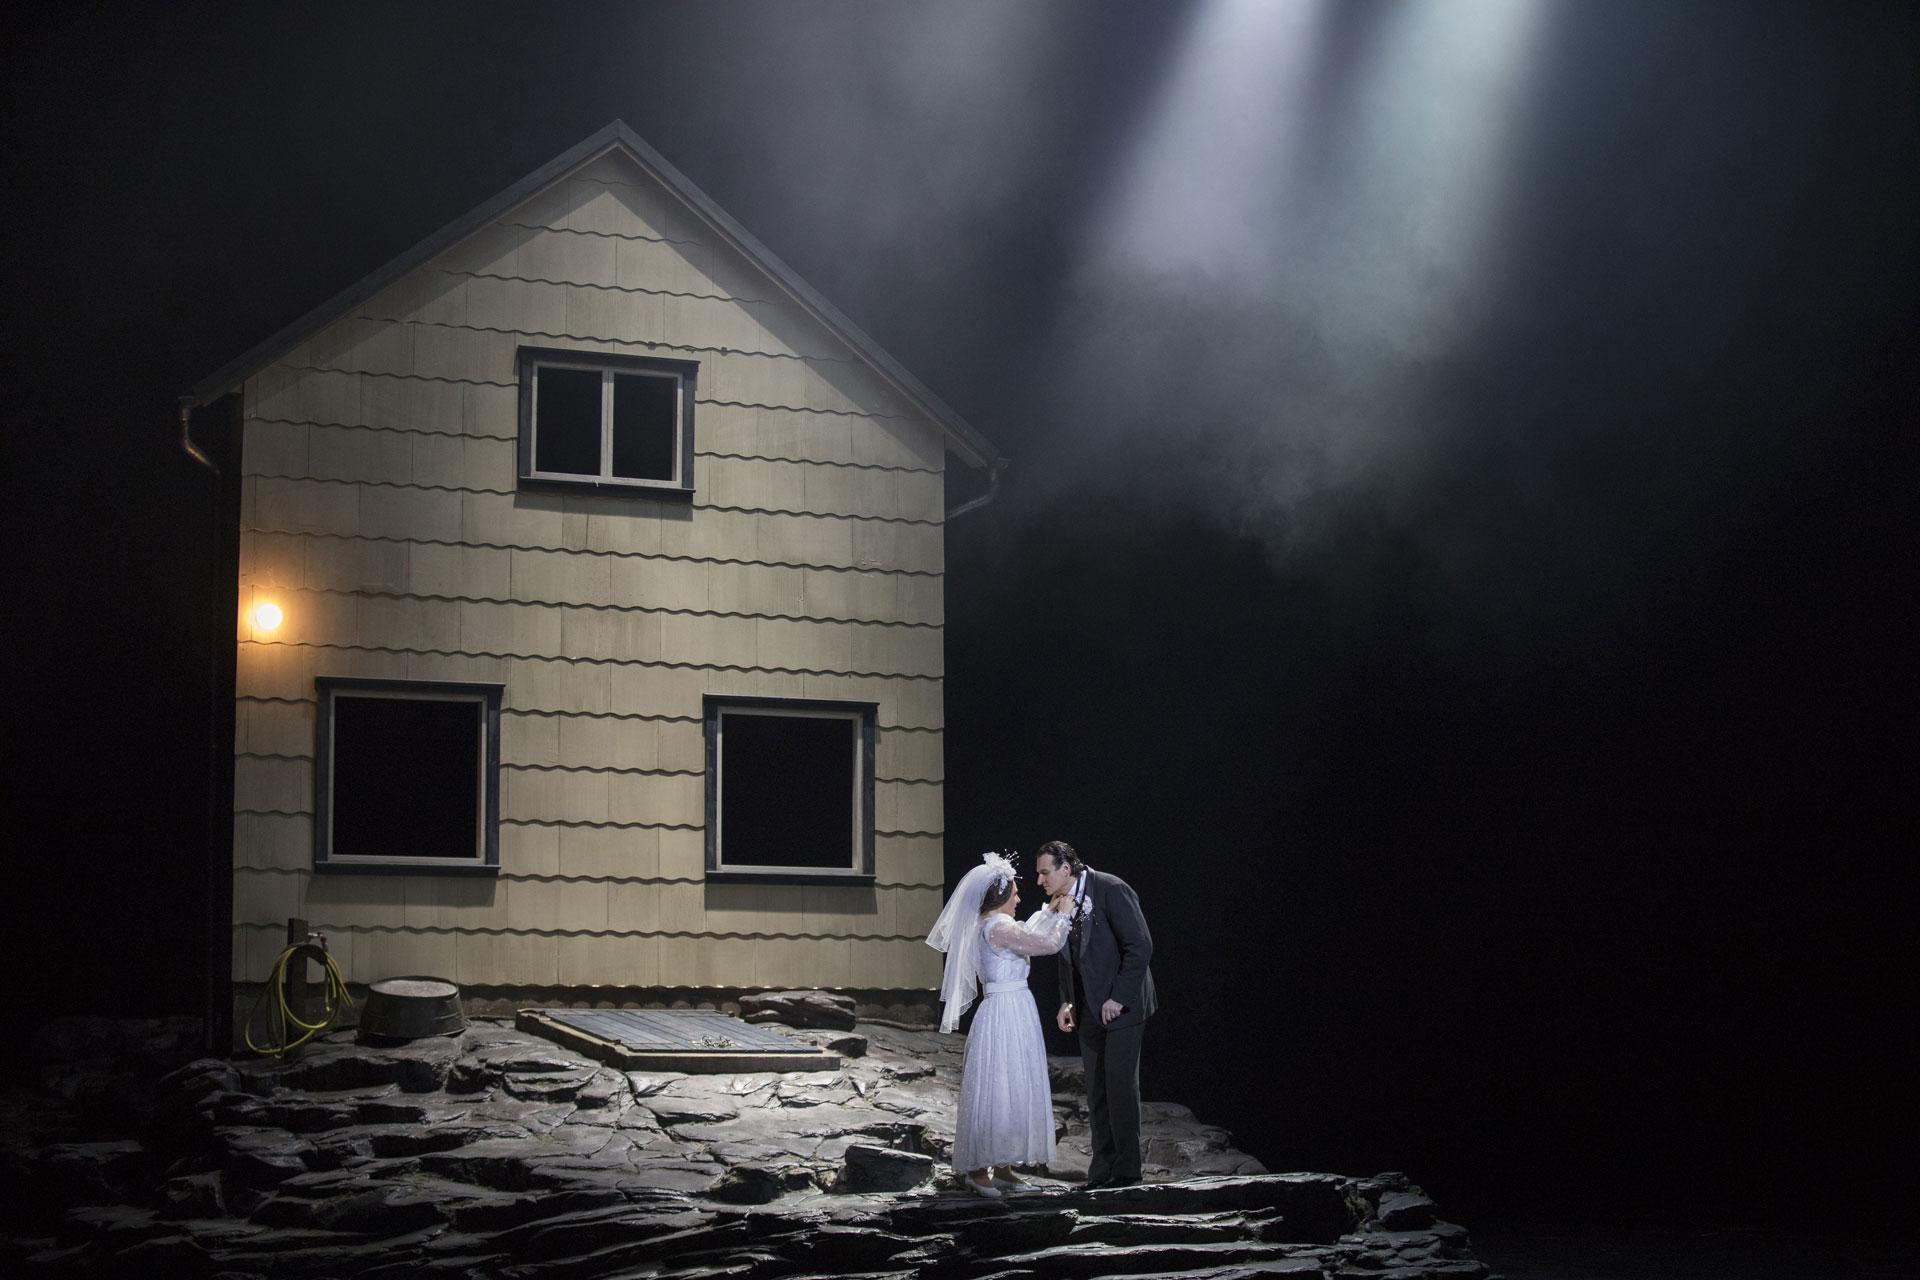 Linkki tapahtumaan Mtsenskin kihlakunnan Lady Macbeth virtuaalisesti